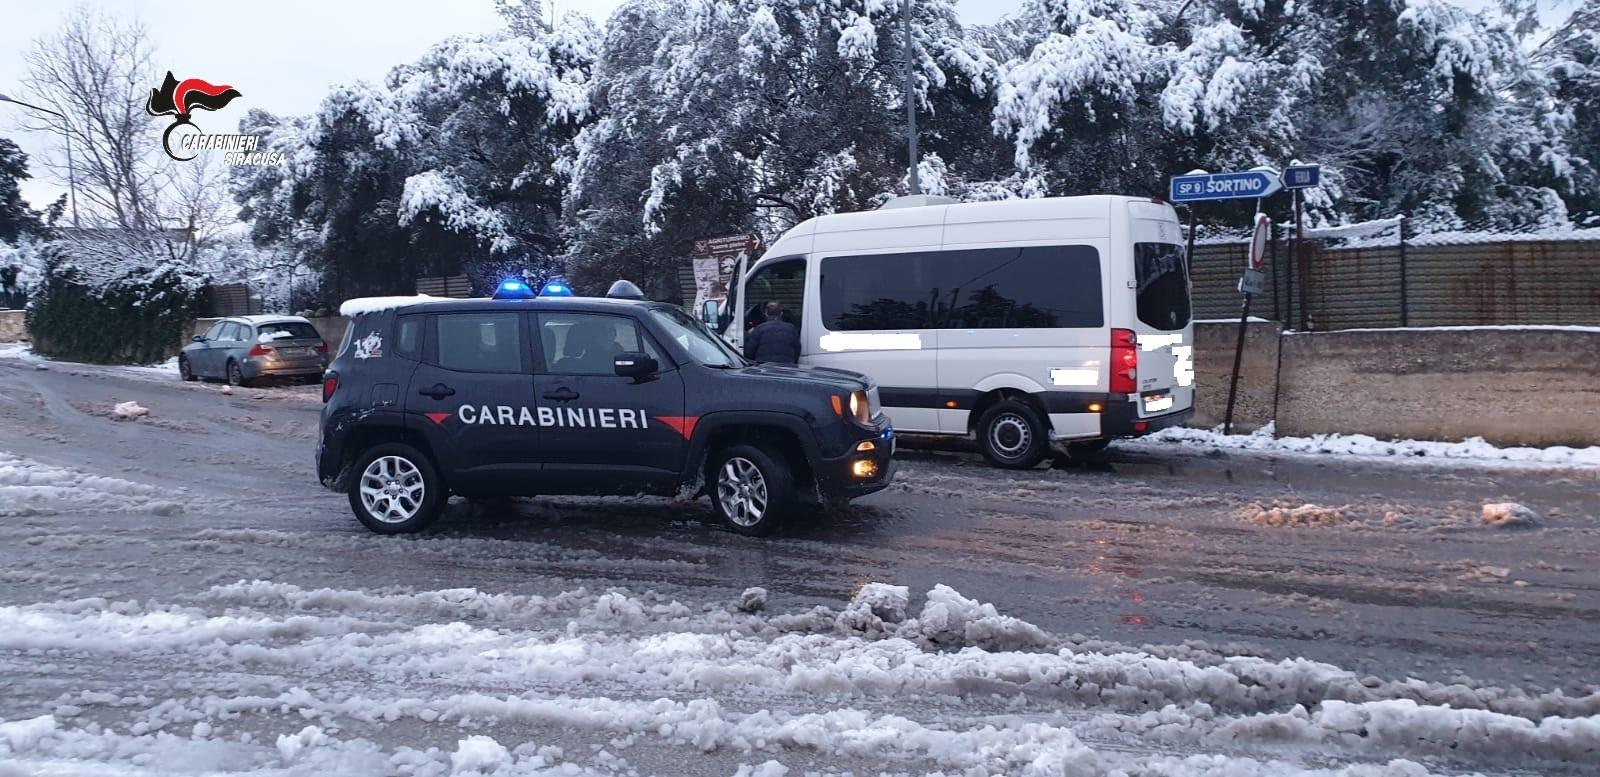 Neve a Sortino, soccorsi disabili per il pulmino in panne